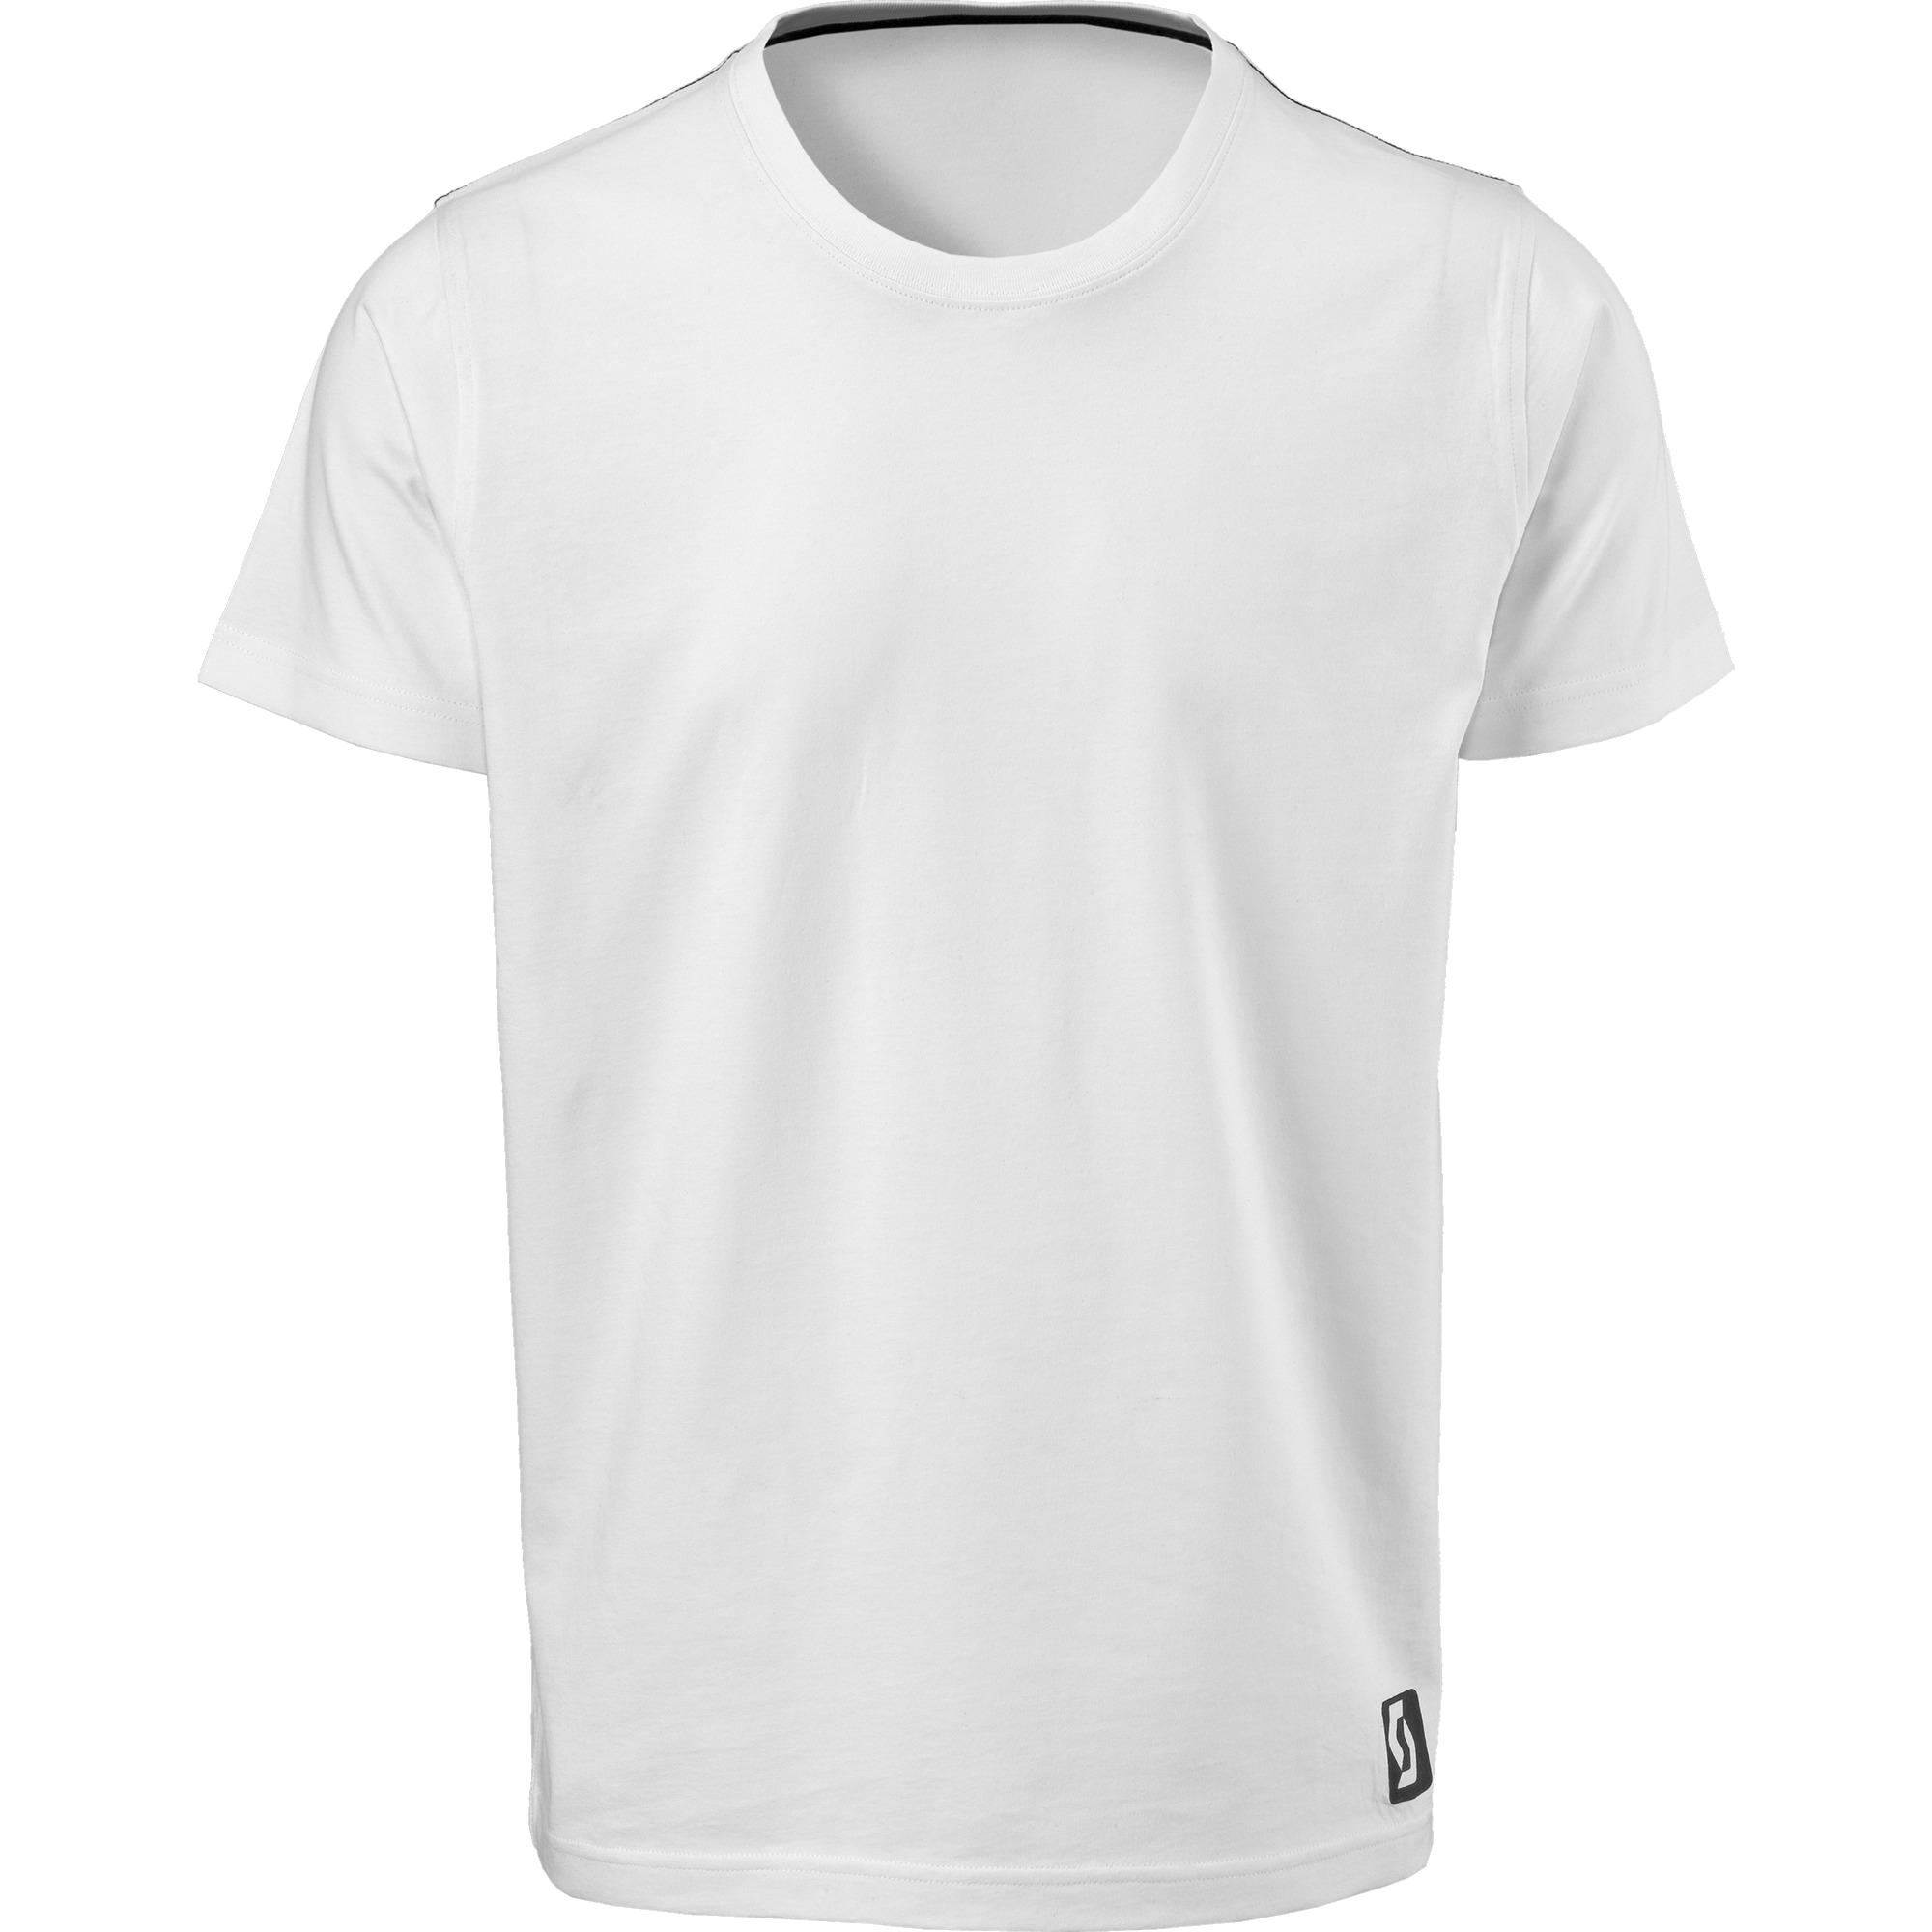 b95233fd Pin by Jackson florentin on T shirtt | T shirt, Shirts, T shirt png